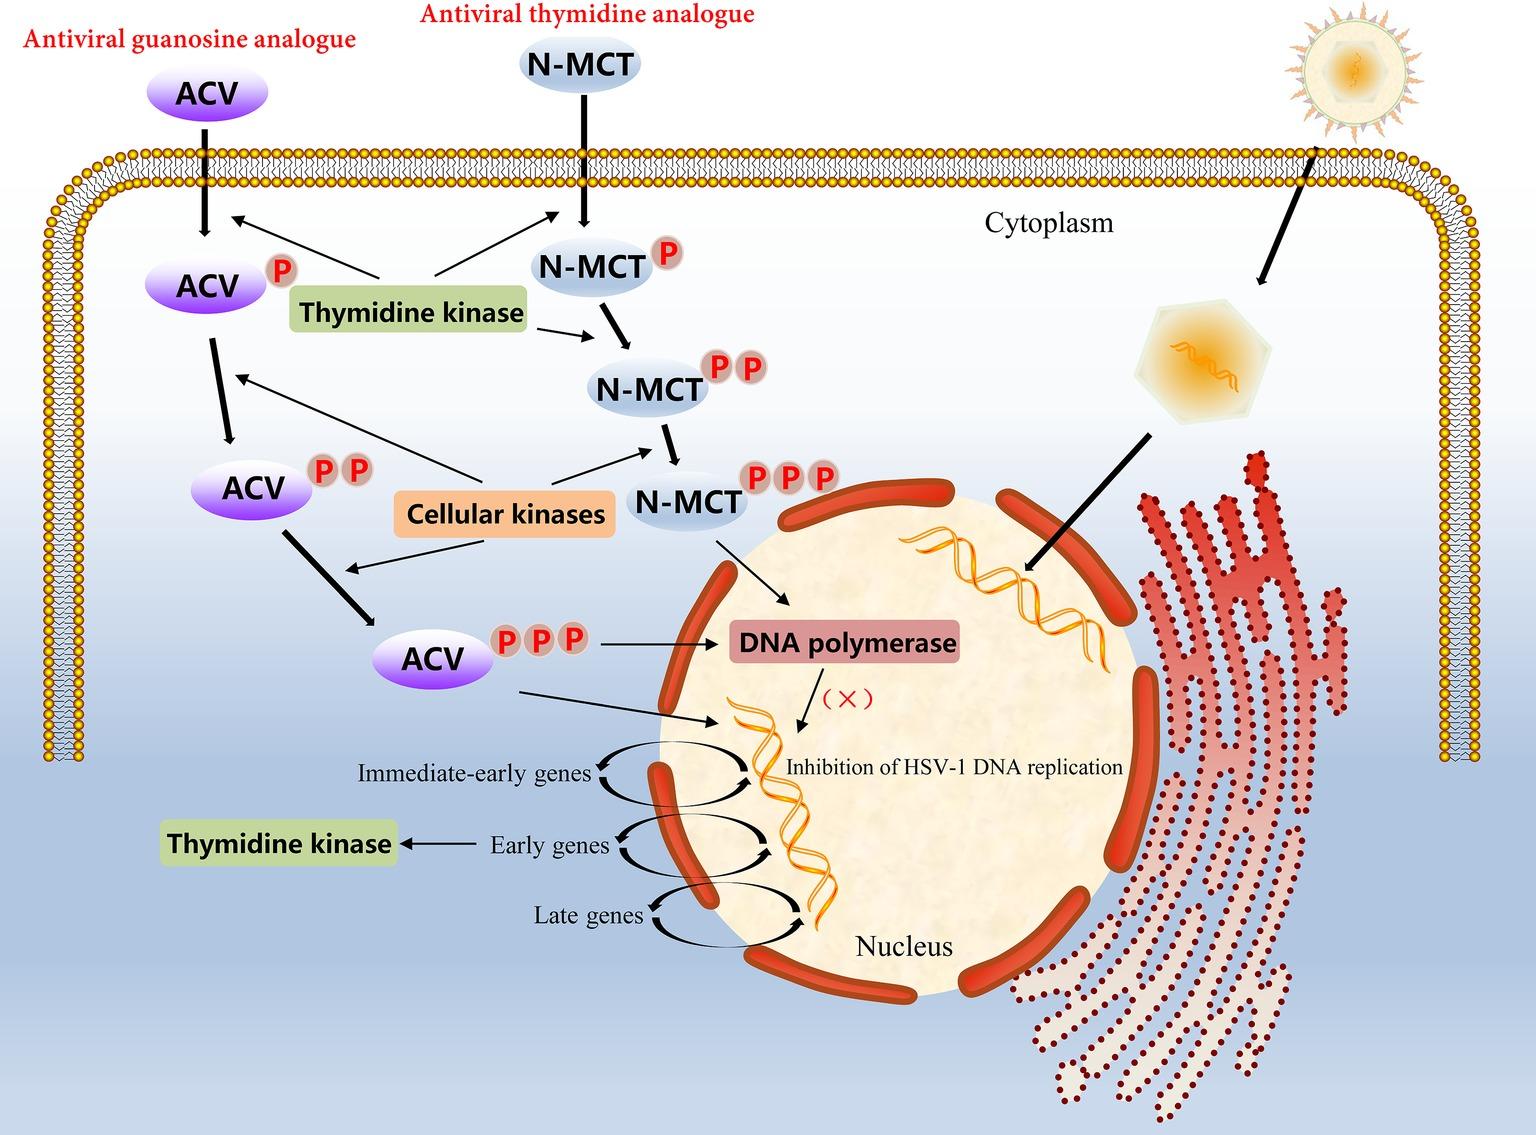 Frontiers | Alpha-Herpesvirus Thymidine Kinase Genes Mediate